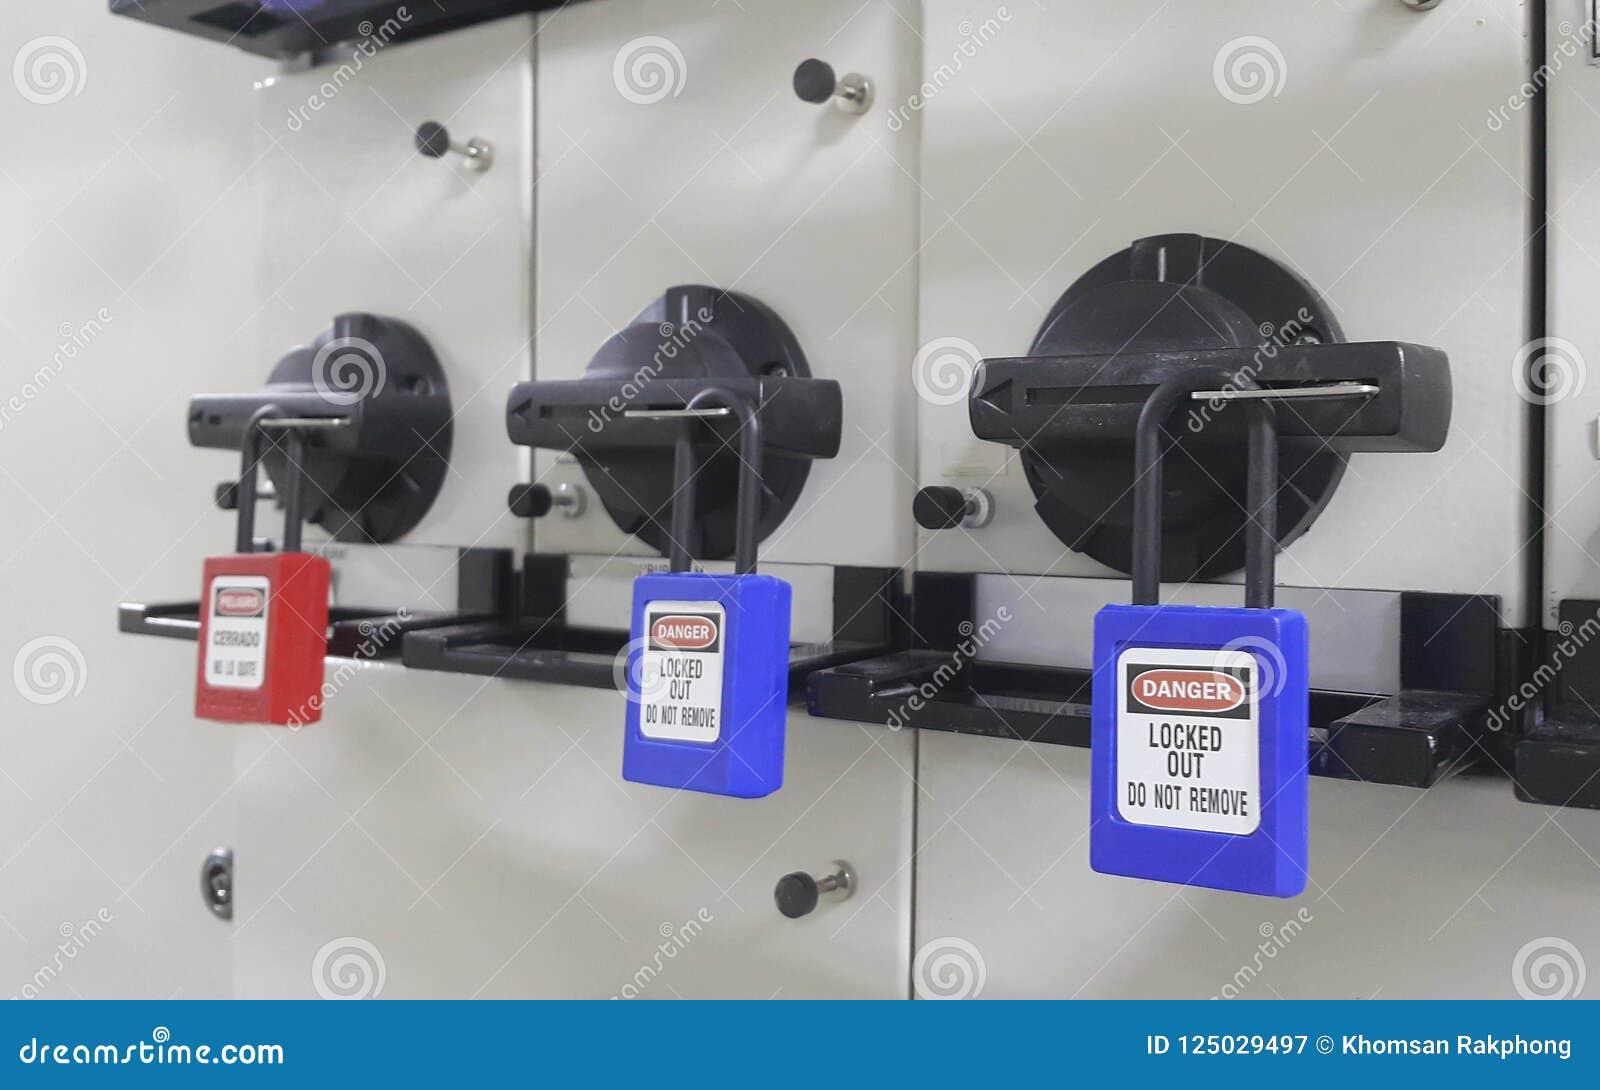 Blokuje out & Oznacza out, lokout stacja, maszyna - odmianowi lokout przyrząda